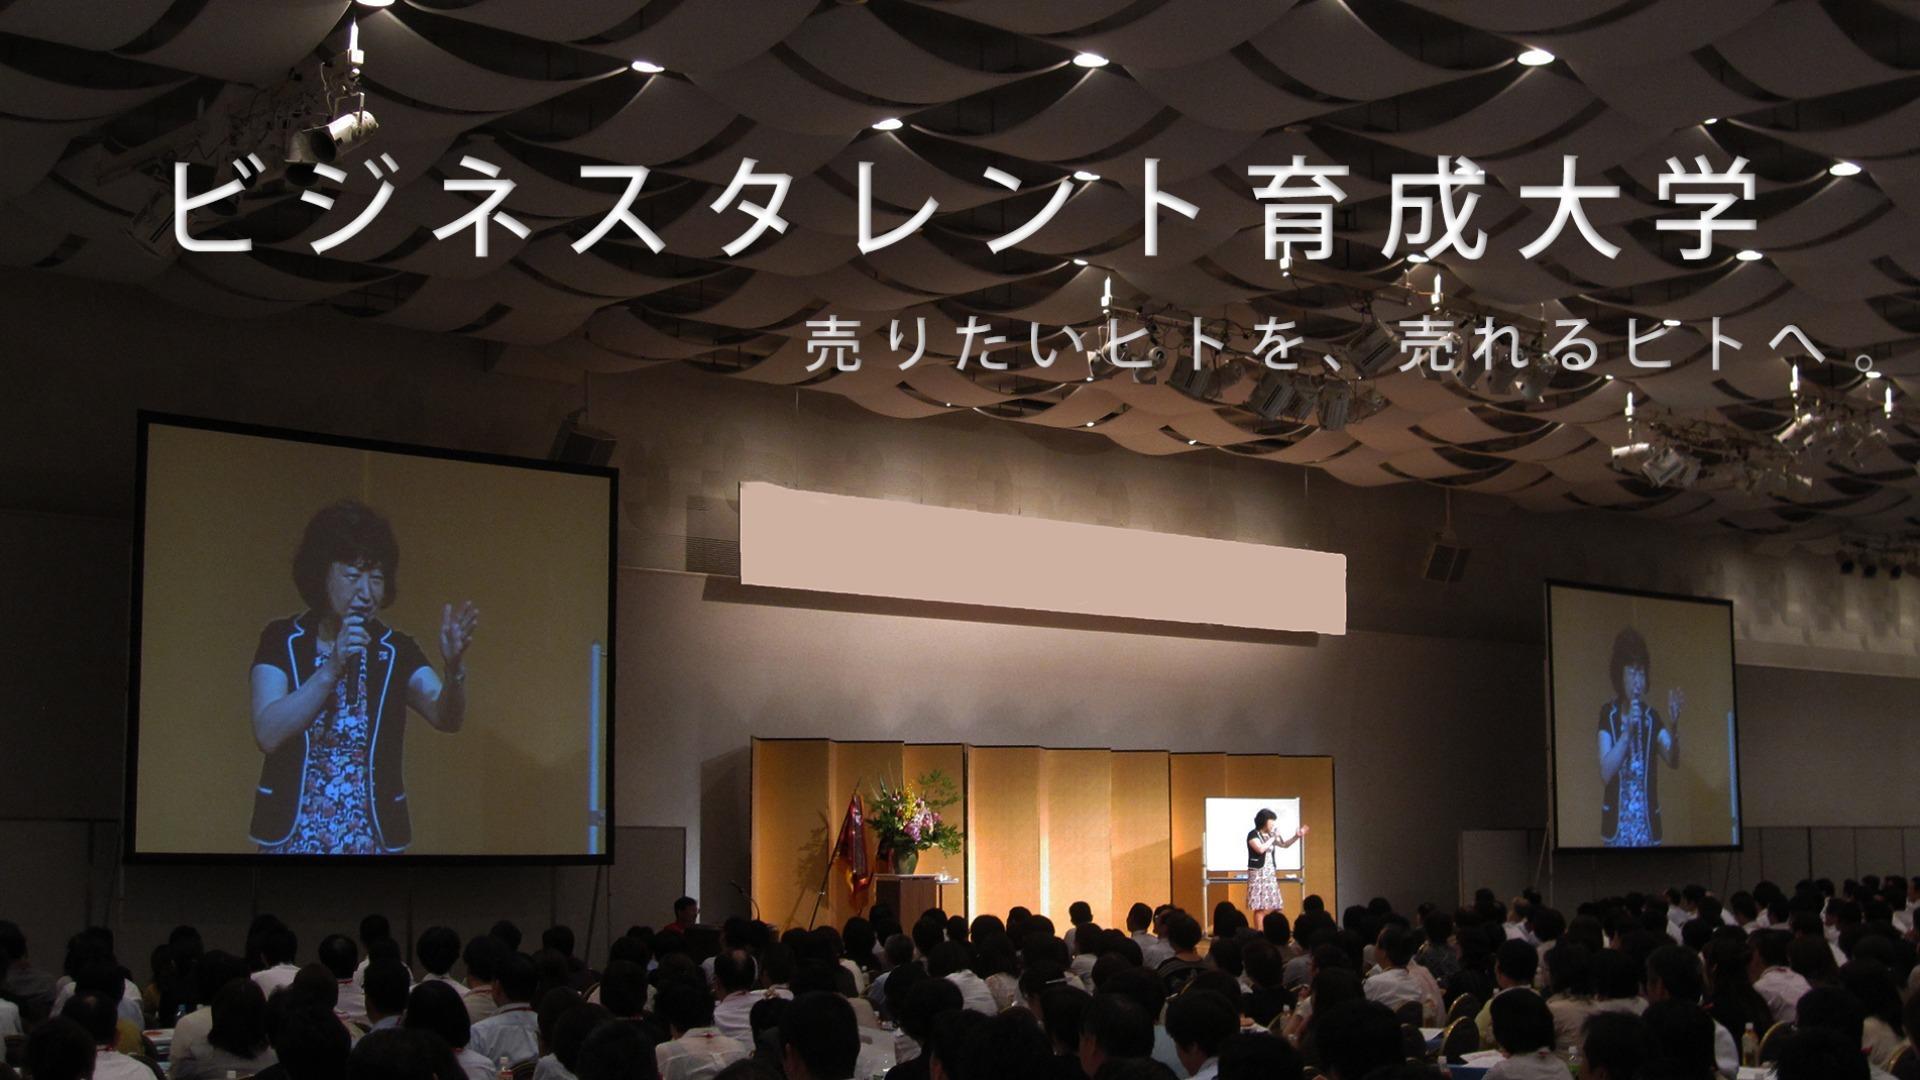 大谷 由里子 大内 優 飯塚 裕司 - ビジネスタレント育成大学 - DMM オンラインサロン